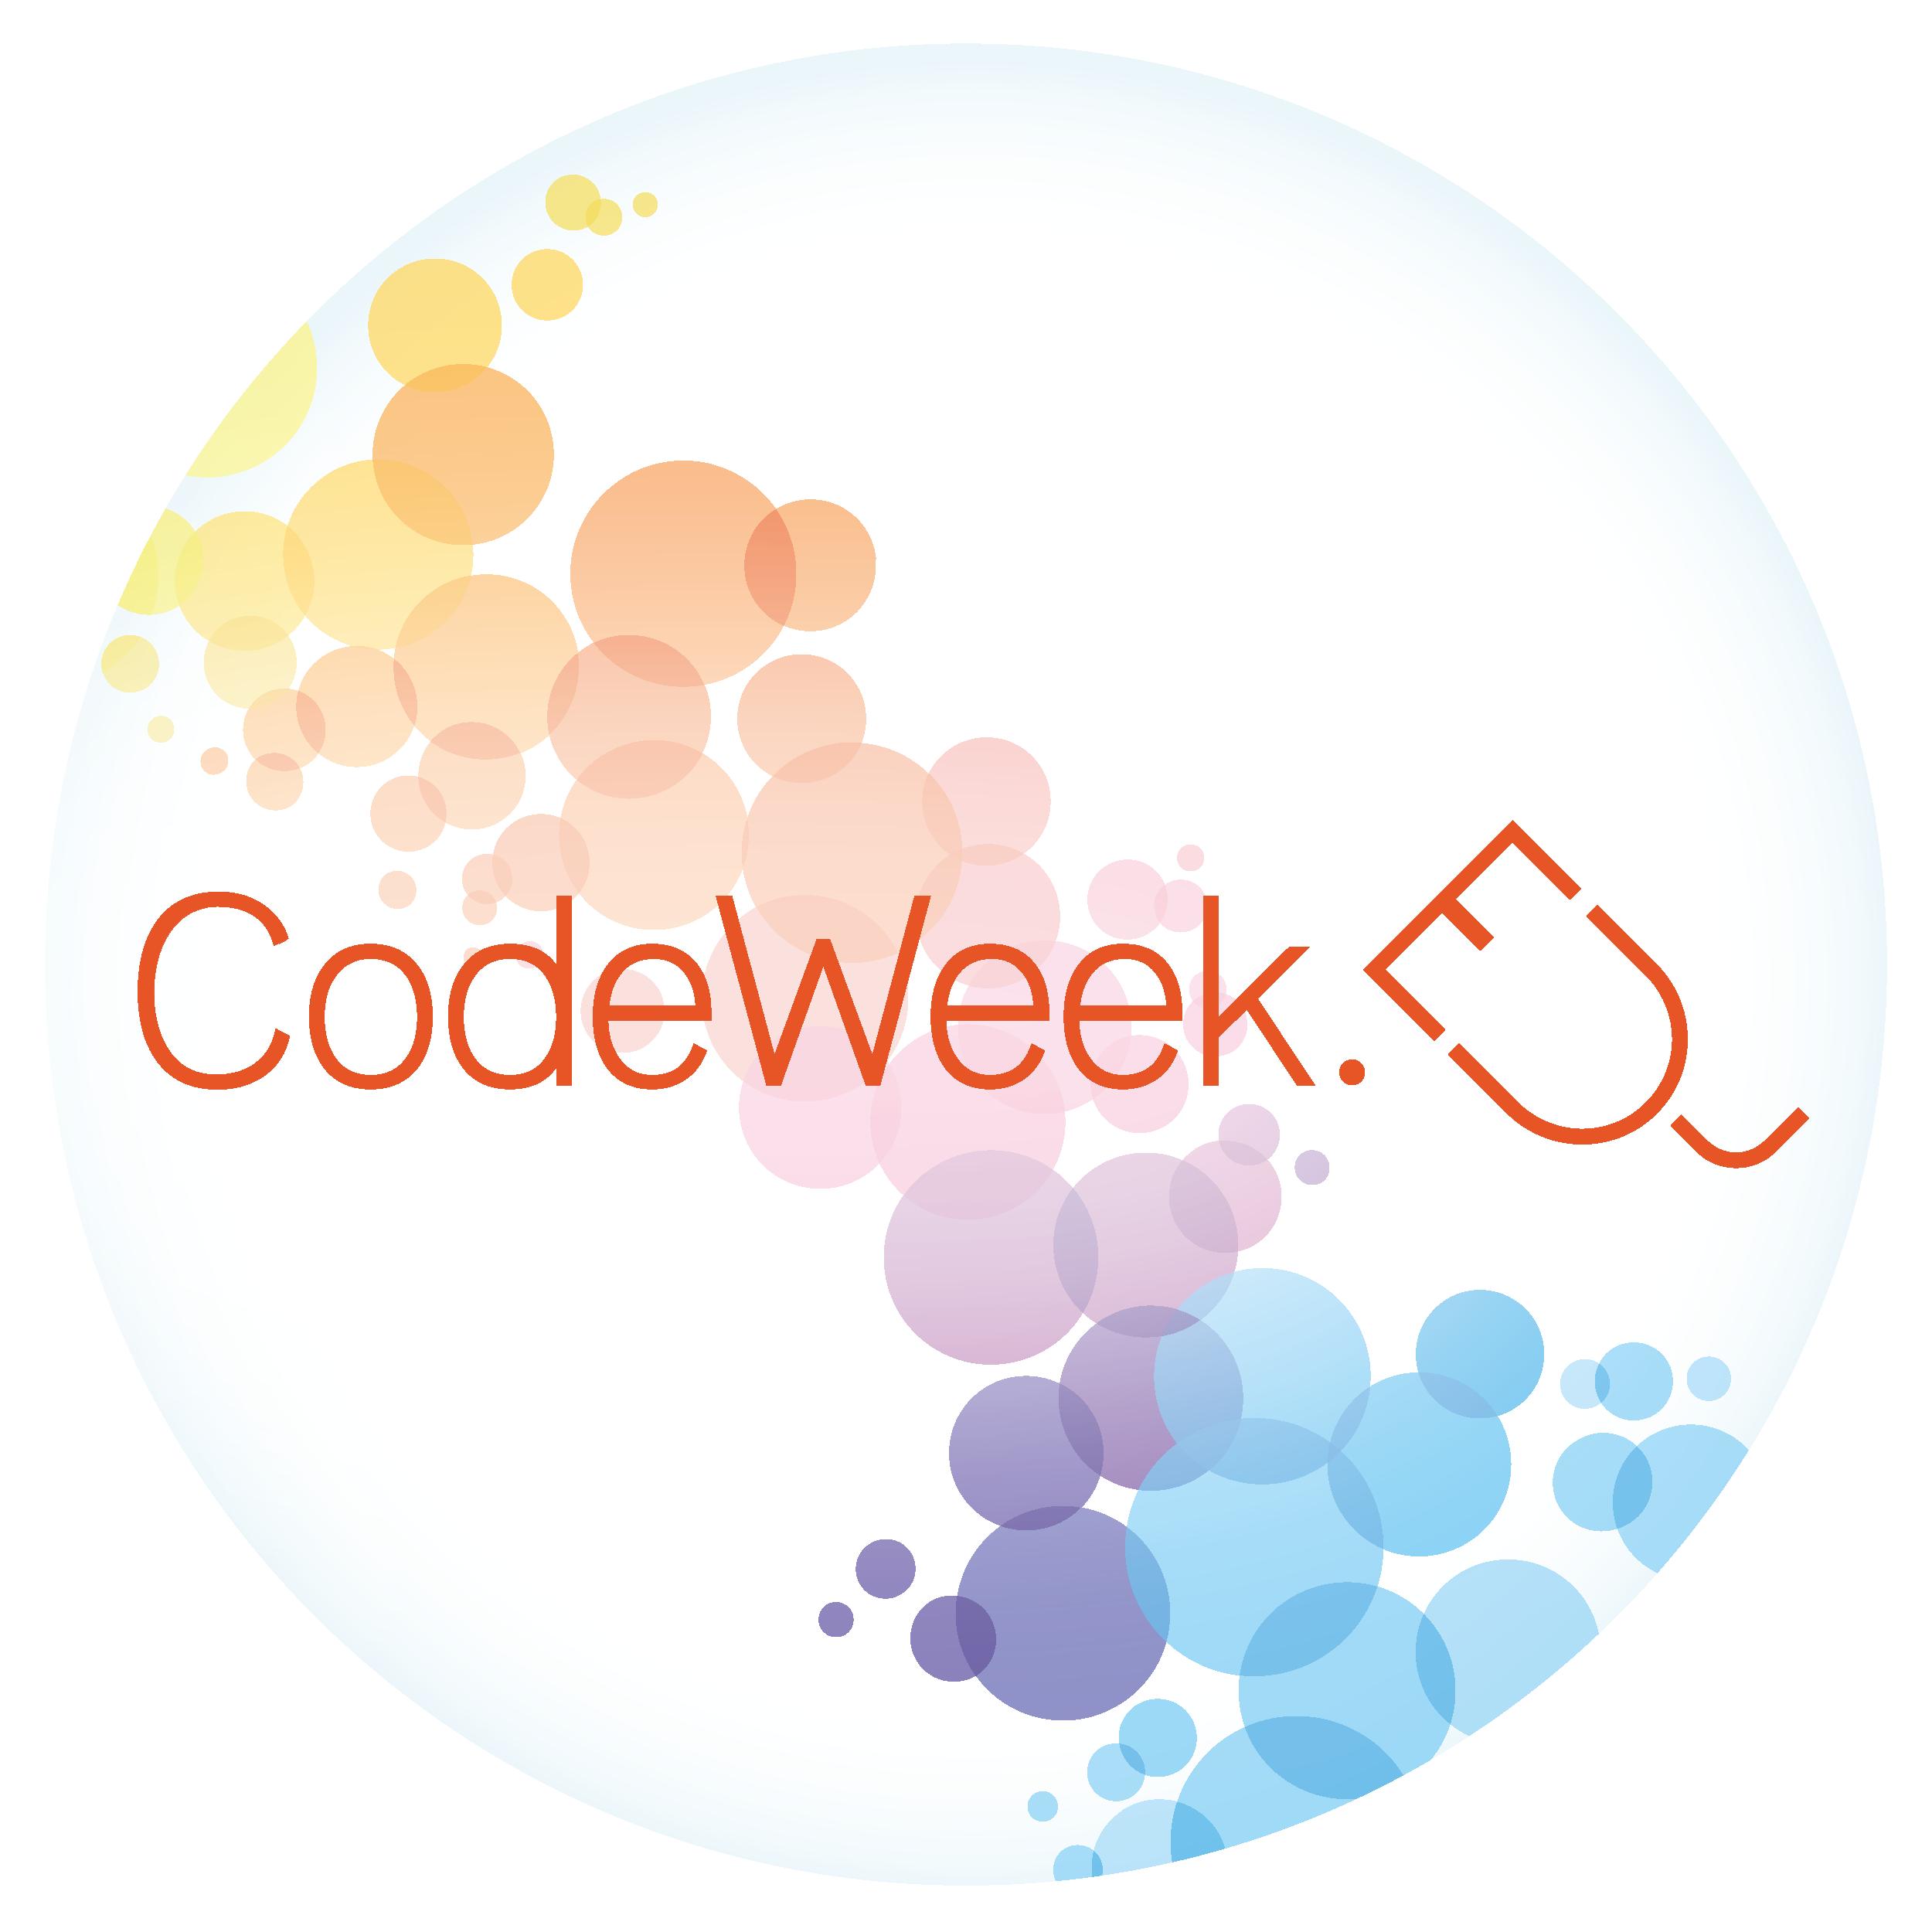 #CodeWeek 2019